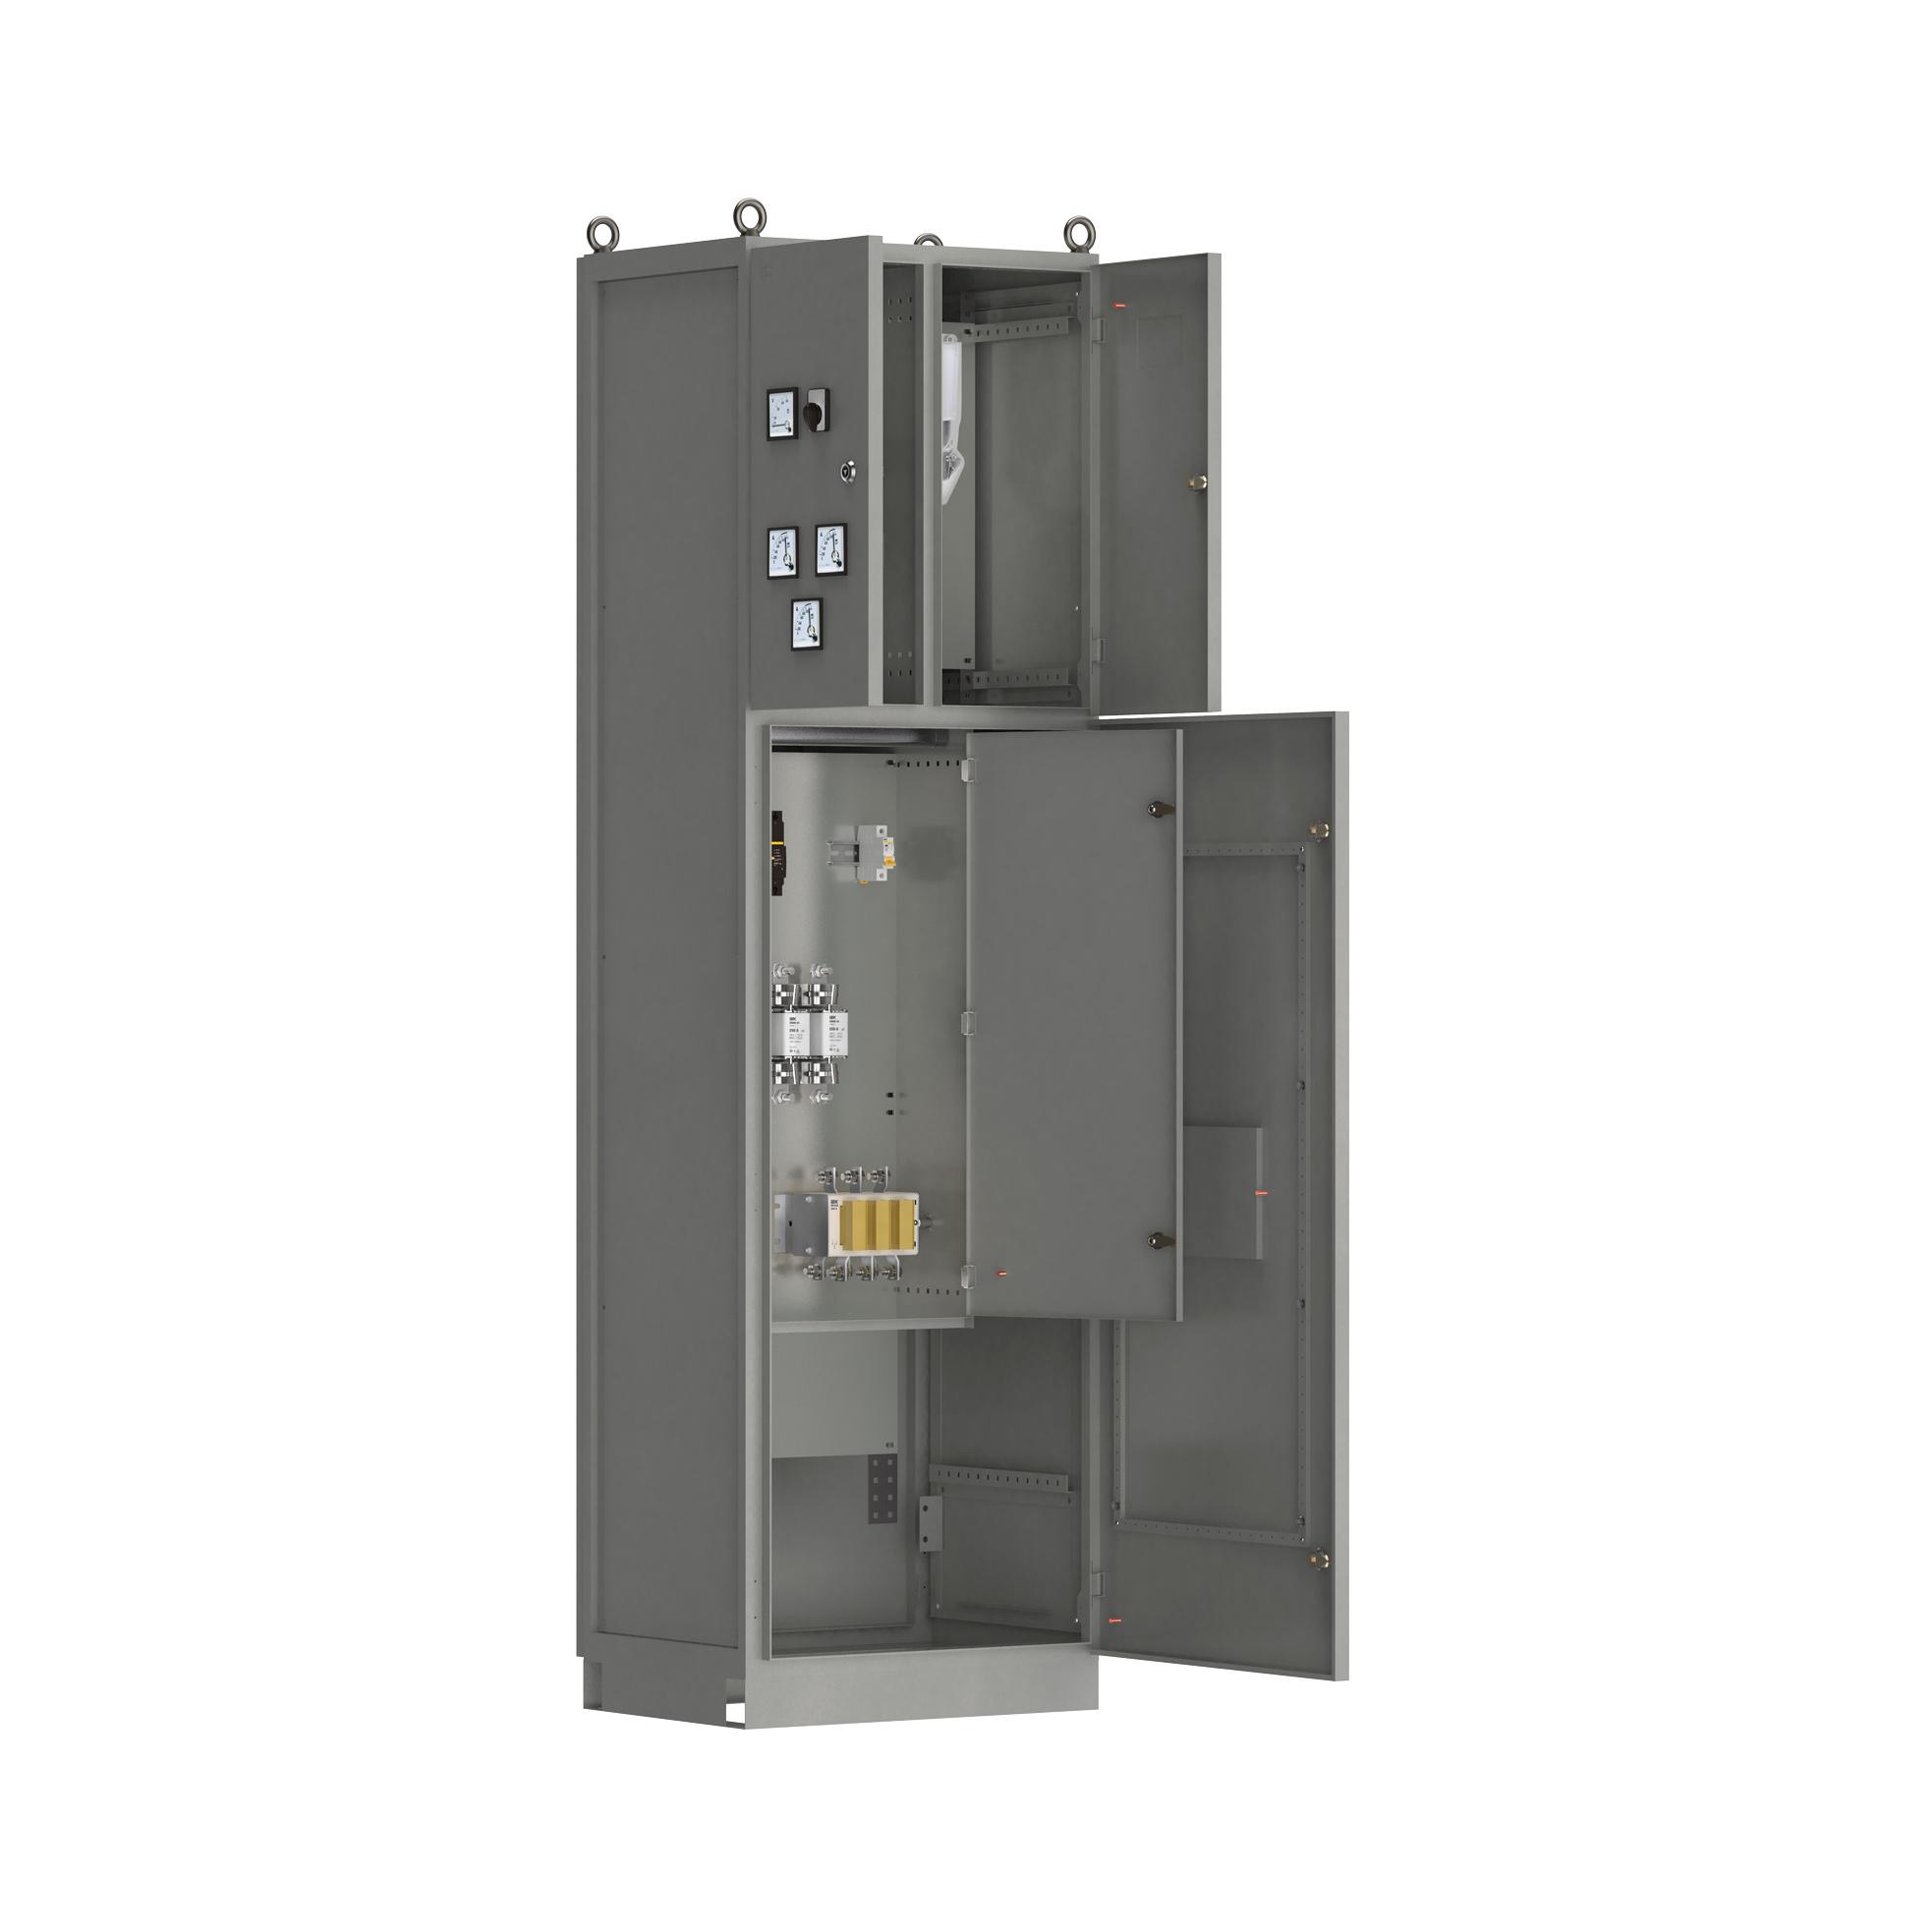 Панель вводная ВРУ-8504 МУ 3ВП-5-63-0-30 рубильник 1х630А плавкие вставки 3х630А выключатель автоматический 1Р 1х6А и учет IEK